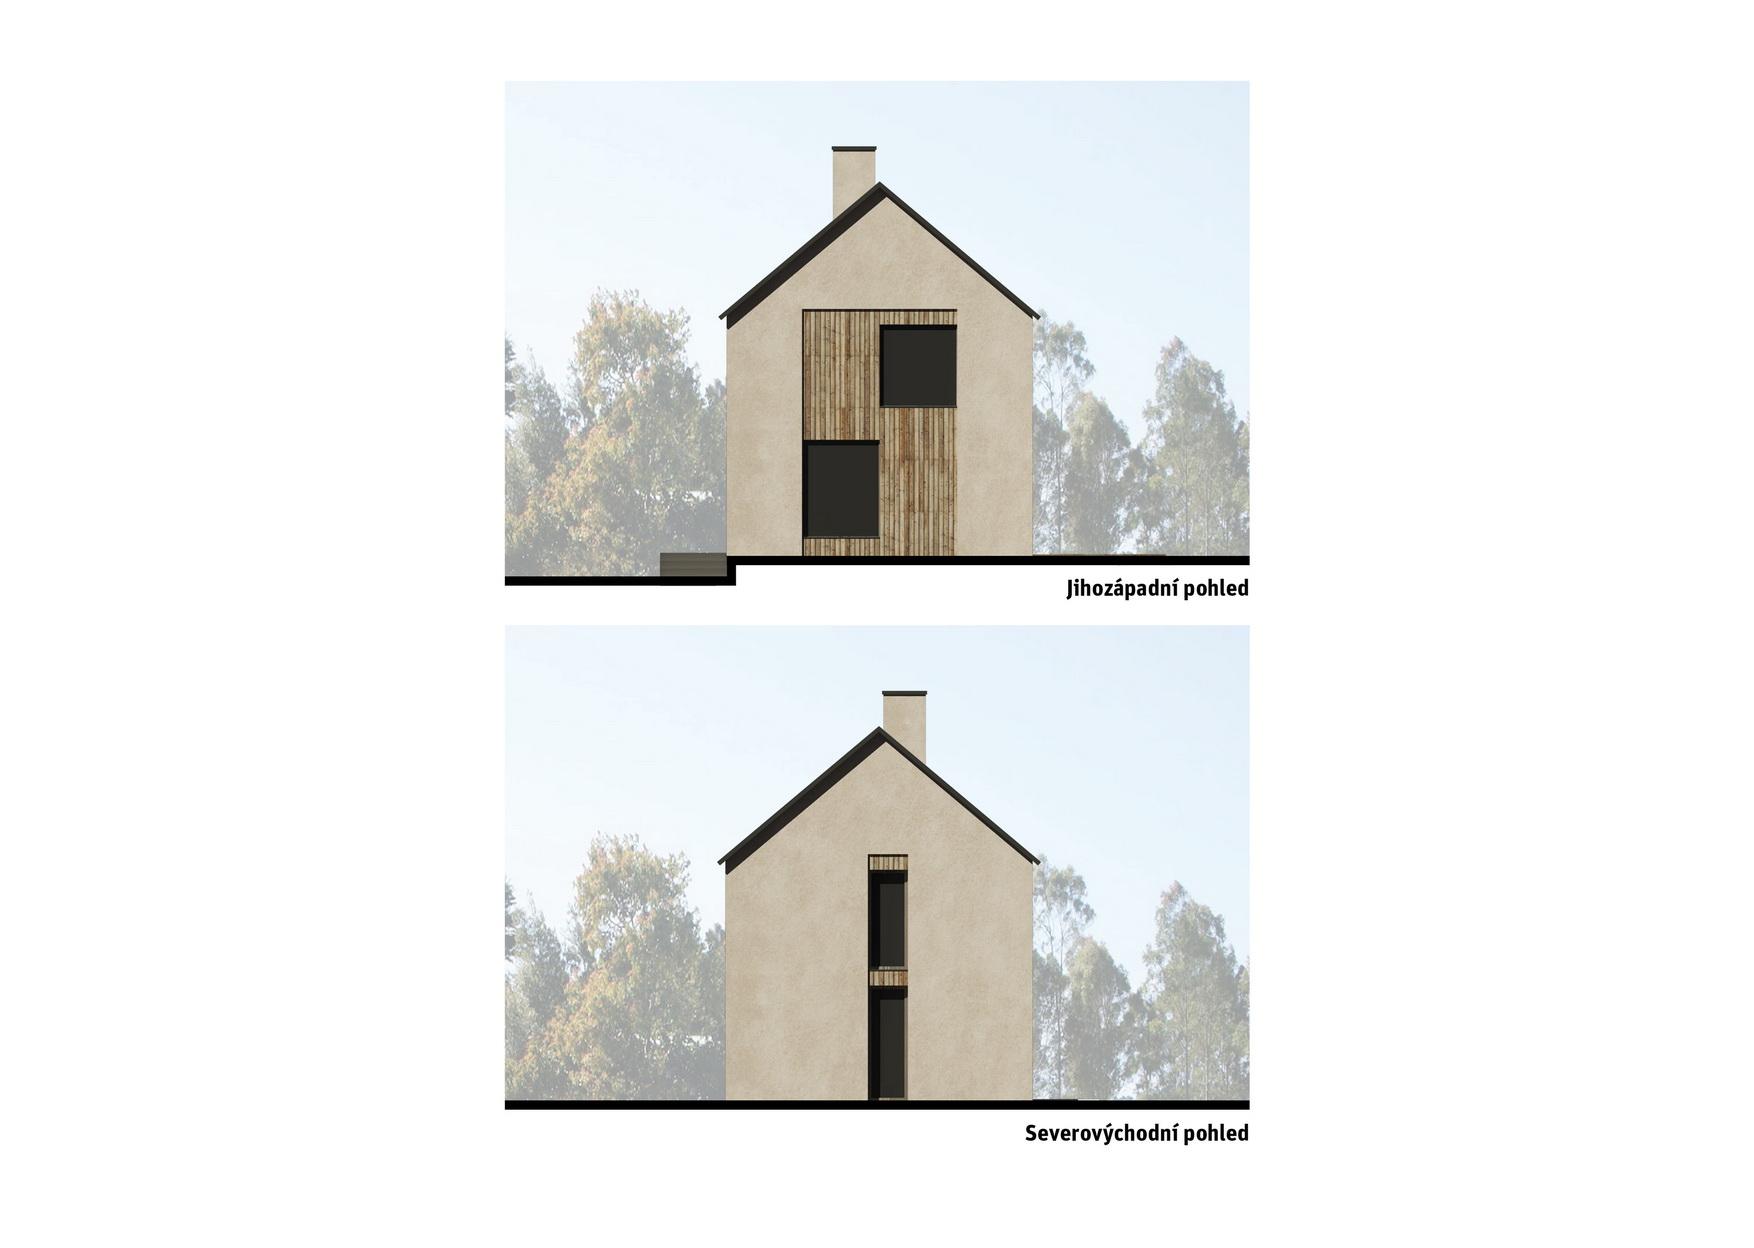 dům A&K - pohledy